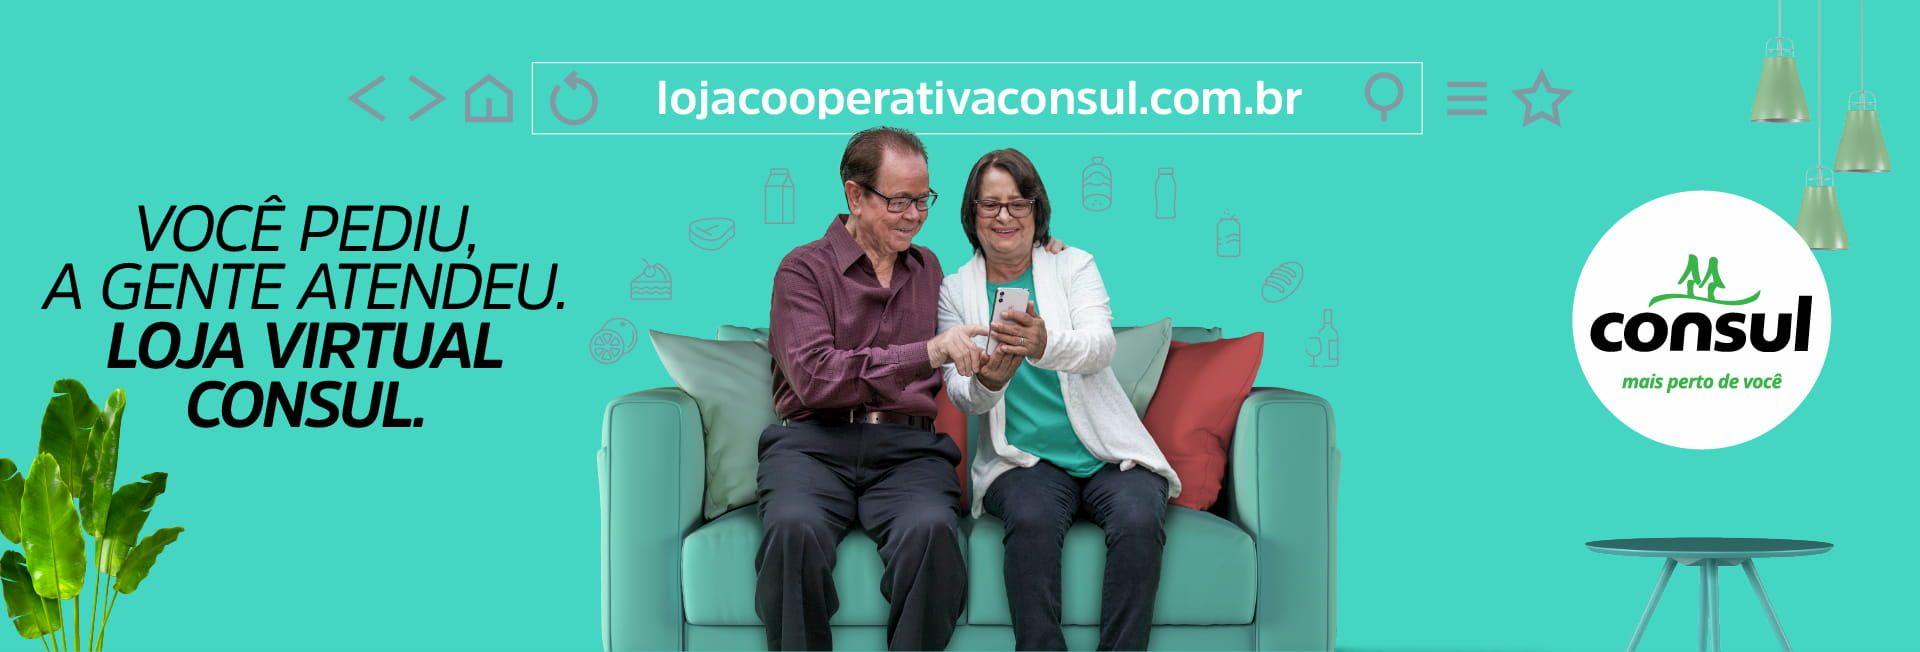 Loja Virtual para Cooperados a partir de 60 anos